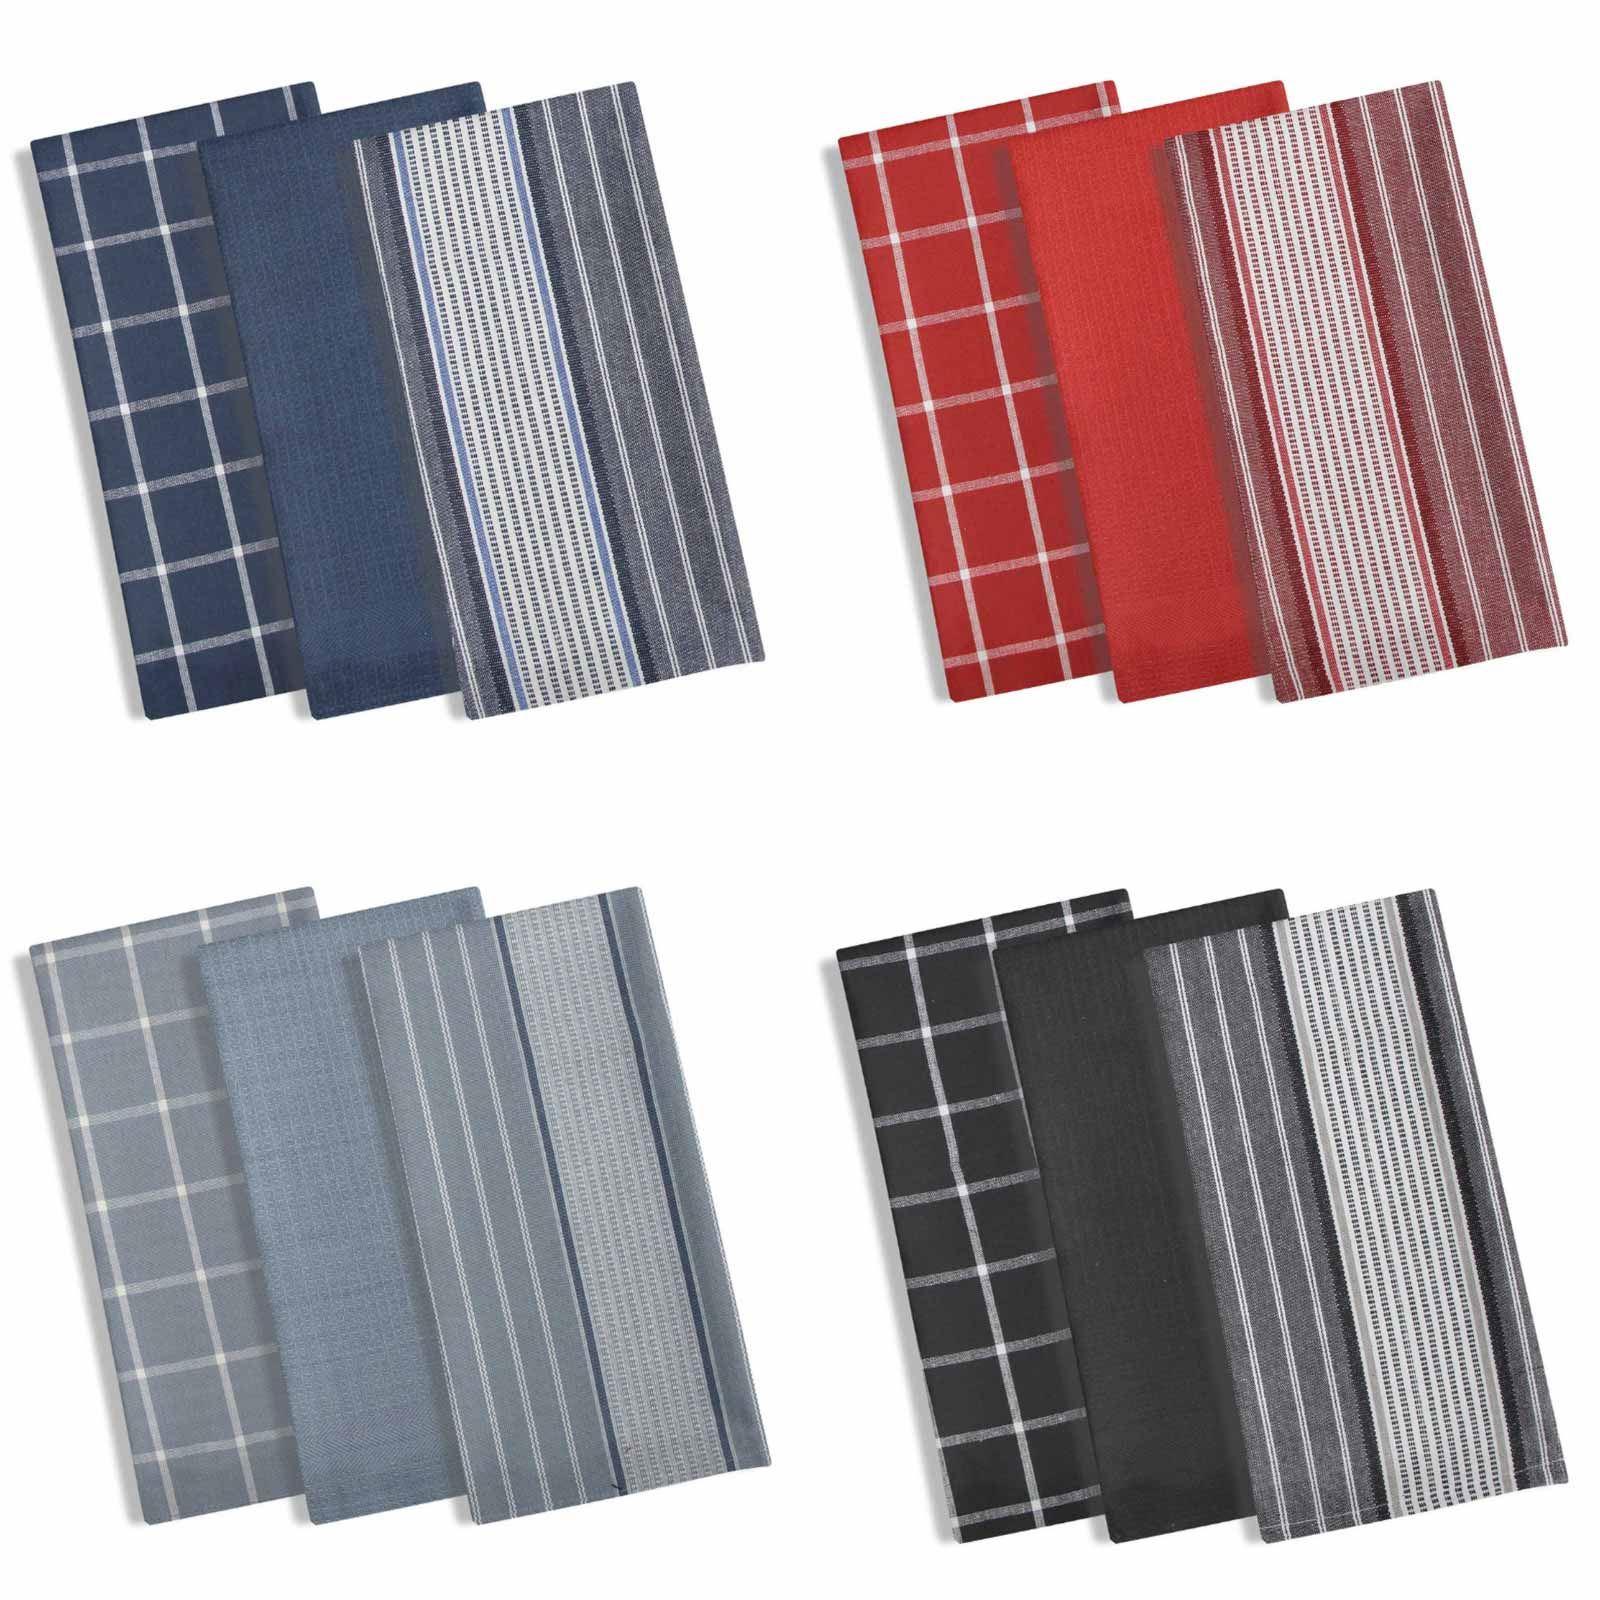 Details About Set Of 3 Kitchen Tea Towels Set Manhattan Stripe Dish Towel Set 100 Cotton